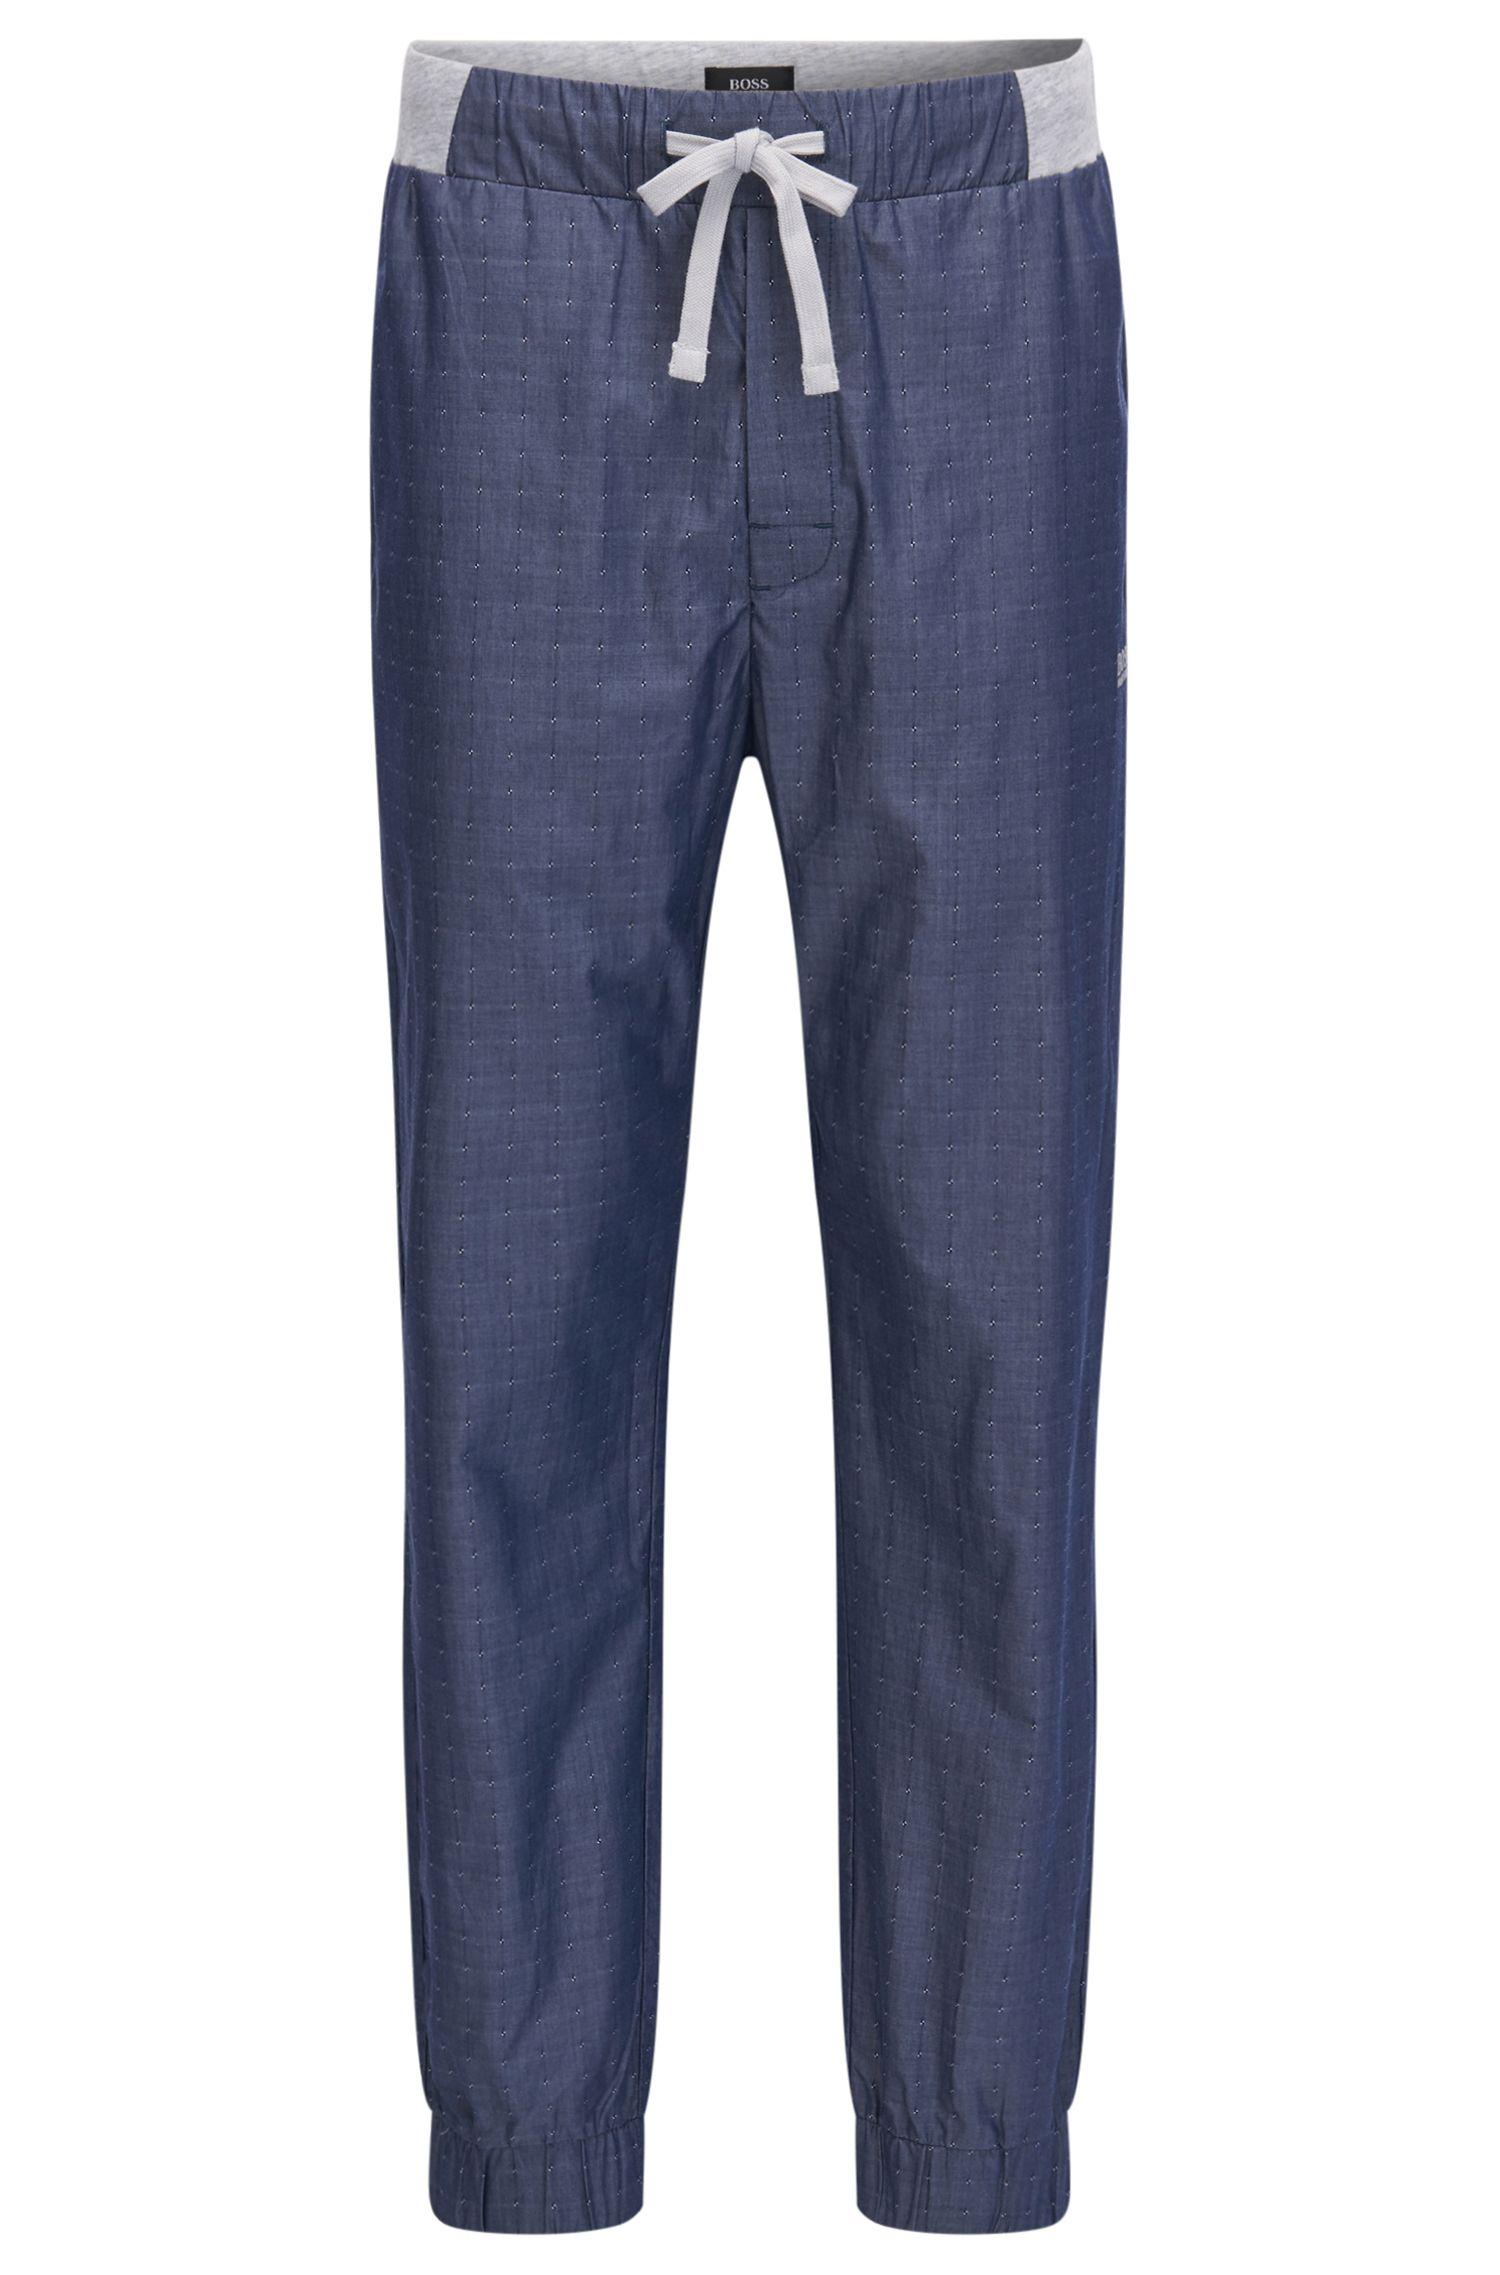 Bas de pyjama resserré au bas des jambes, en coton avec fils coupés